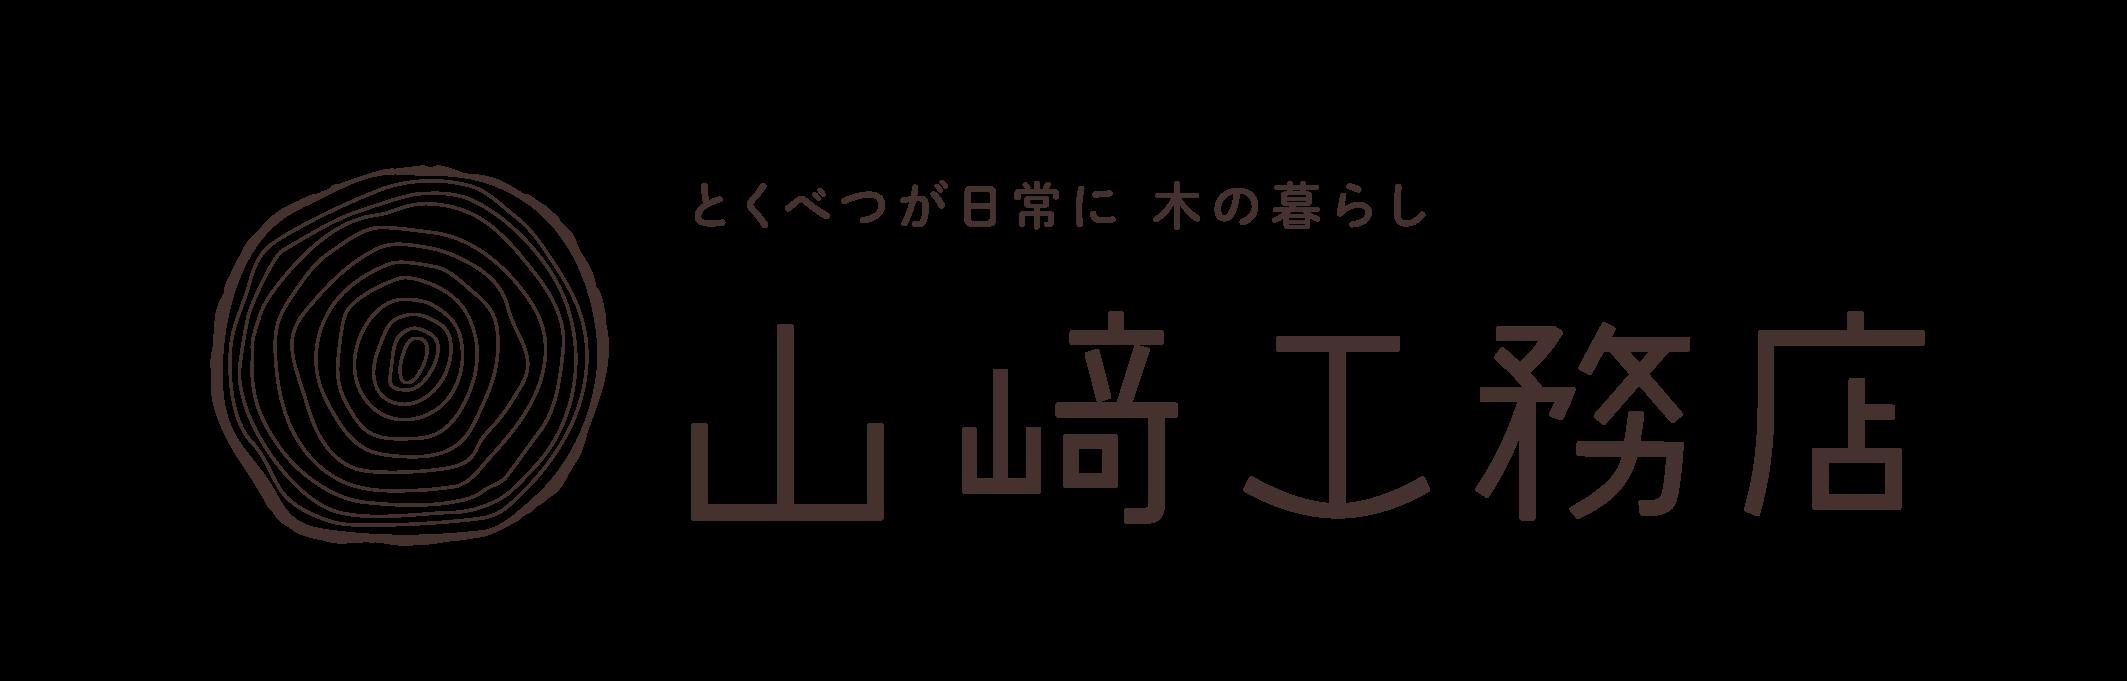 株式会社山﨑工務店